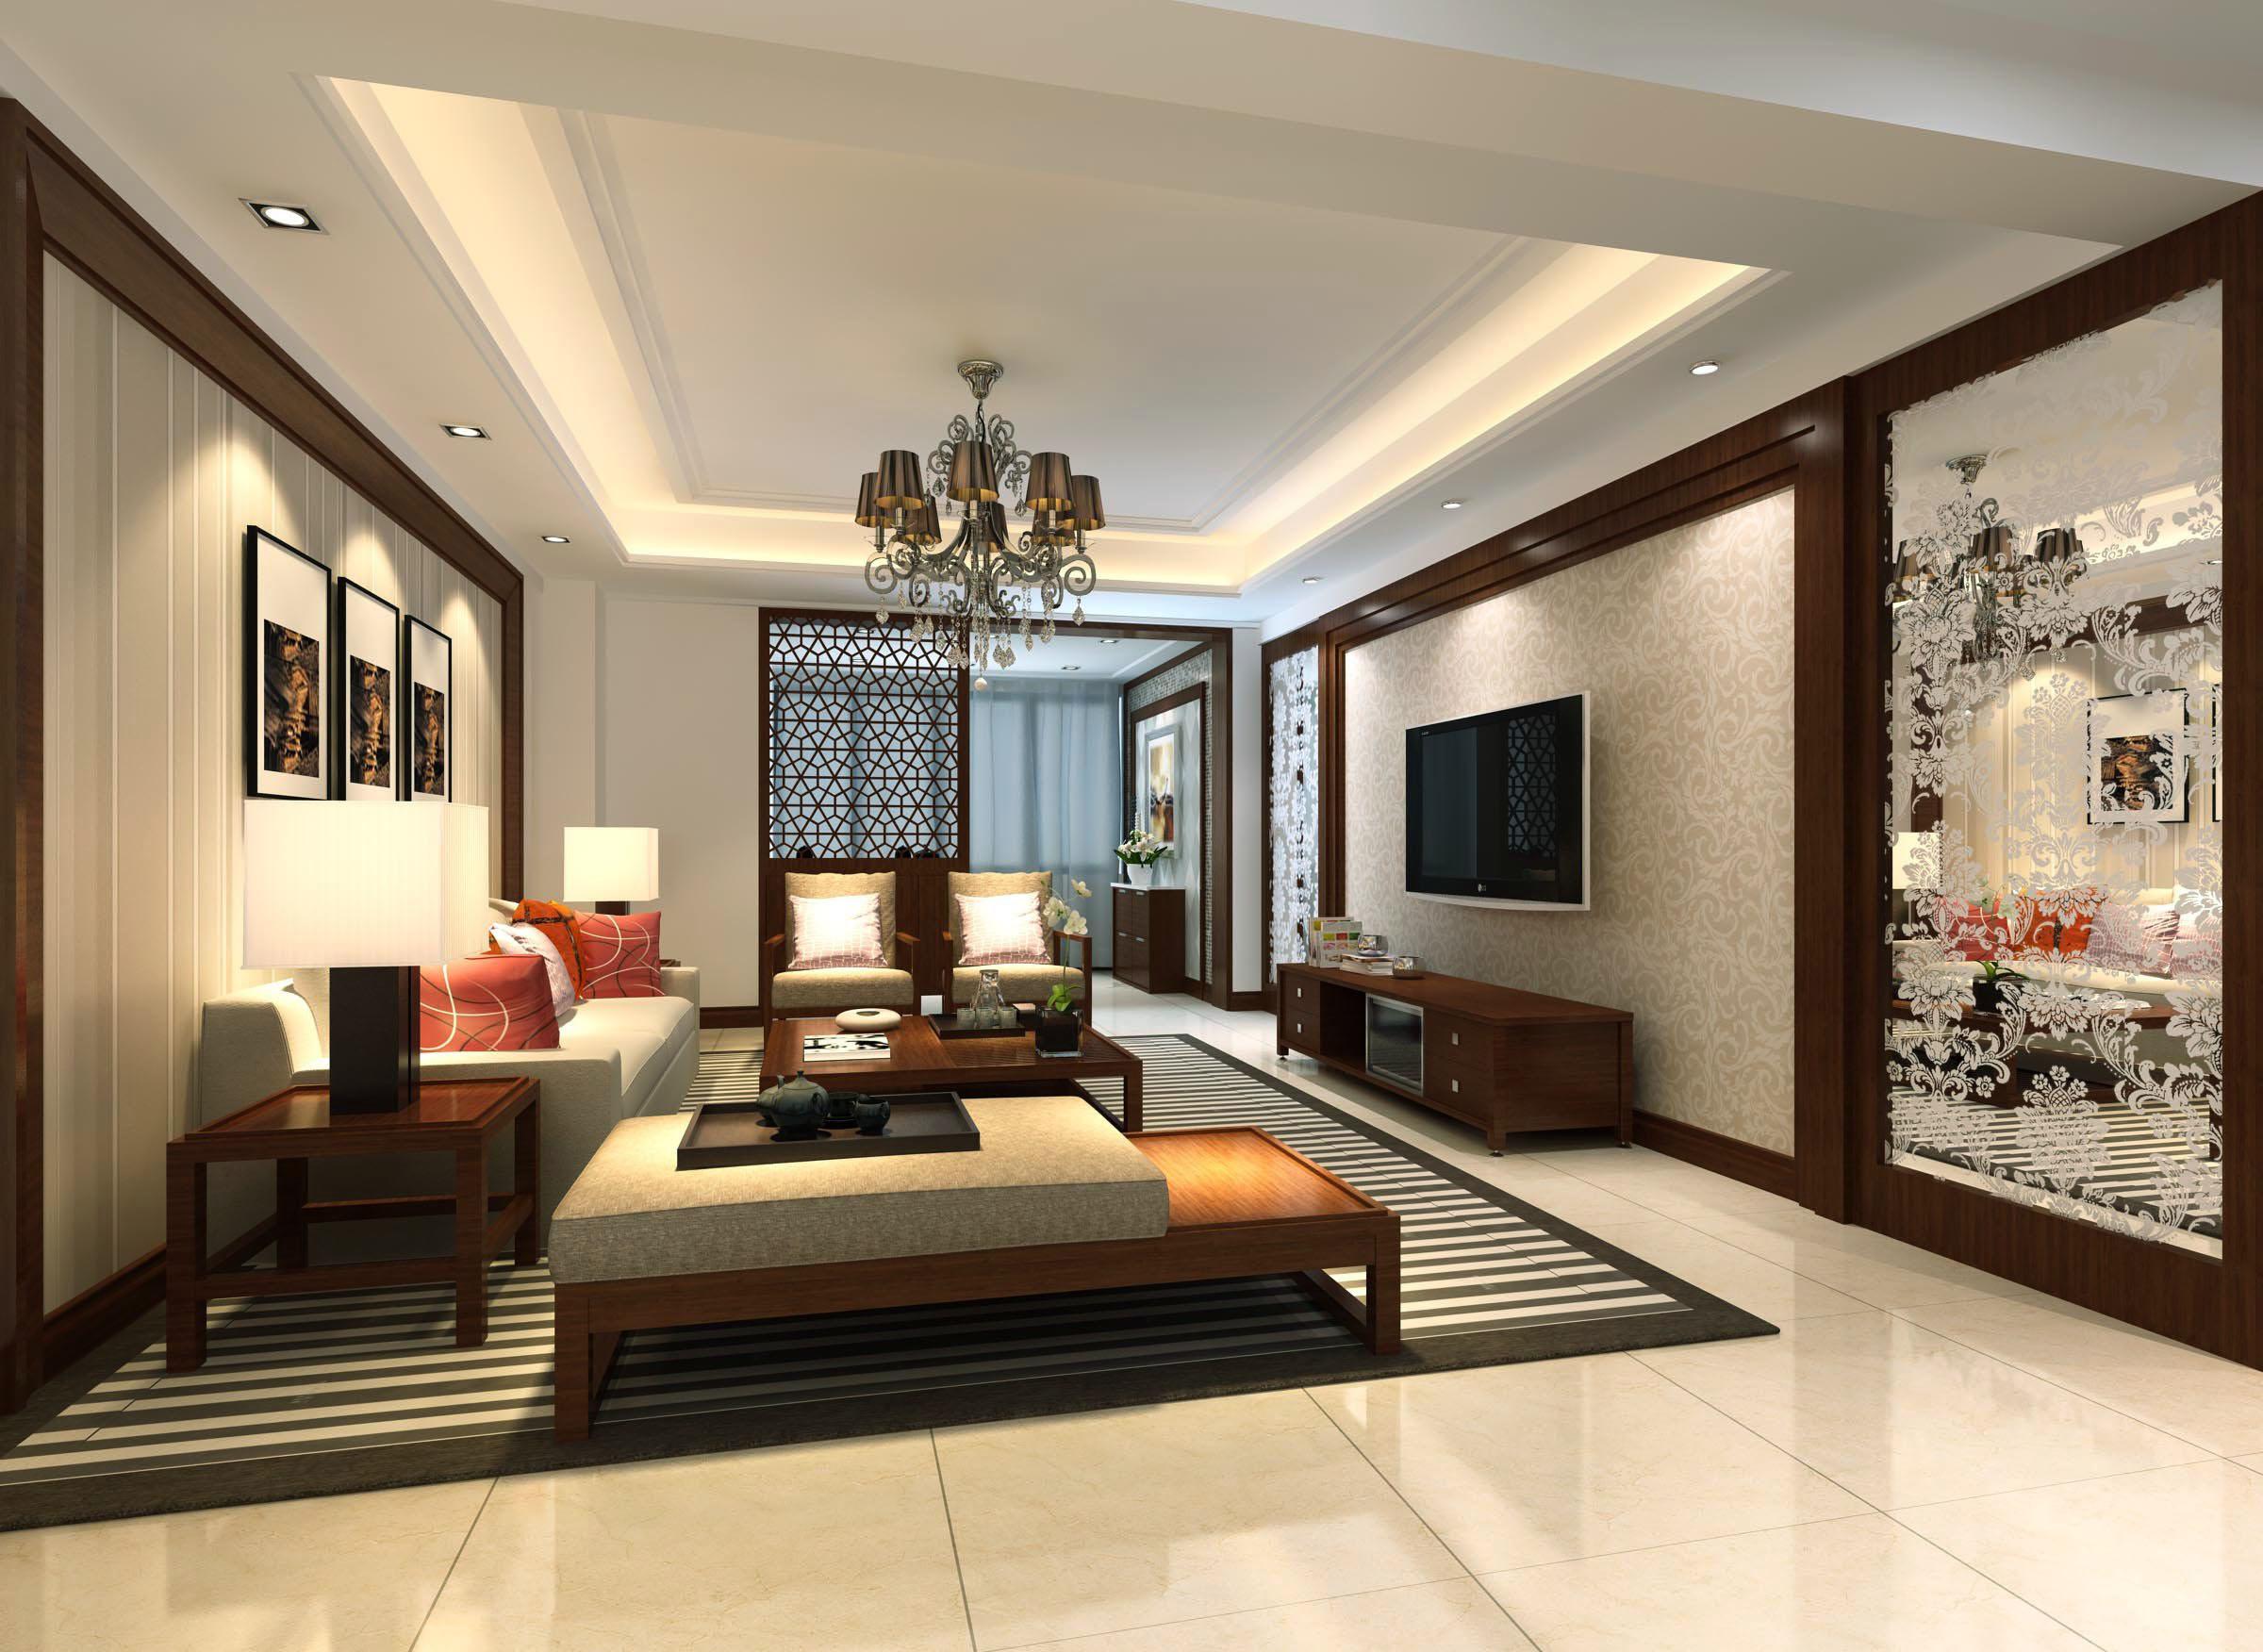 现代中式混搭风格客厅吊灯设计效果图